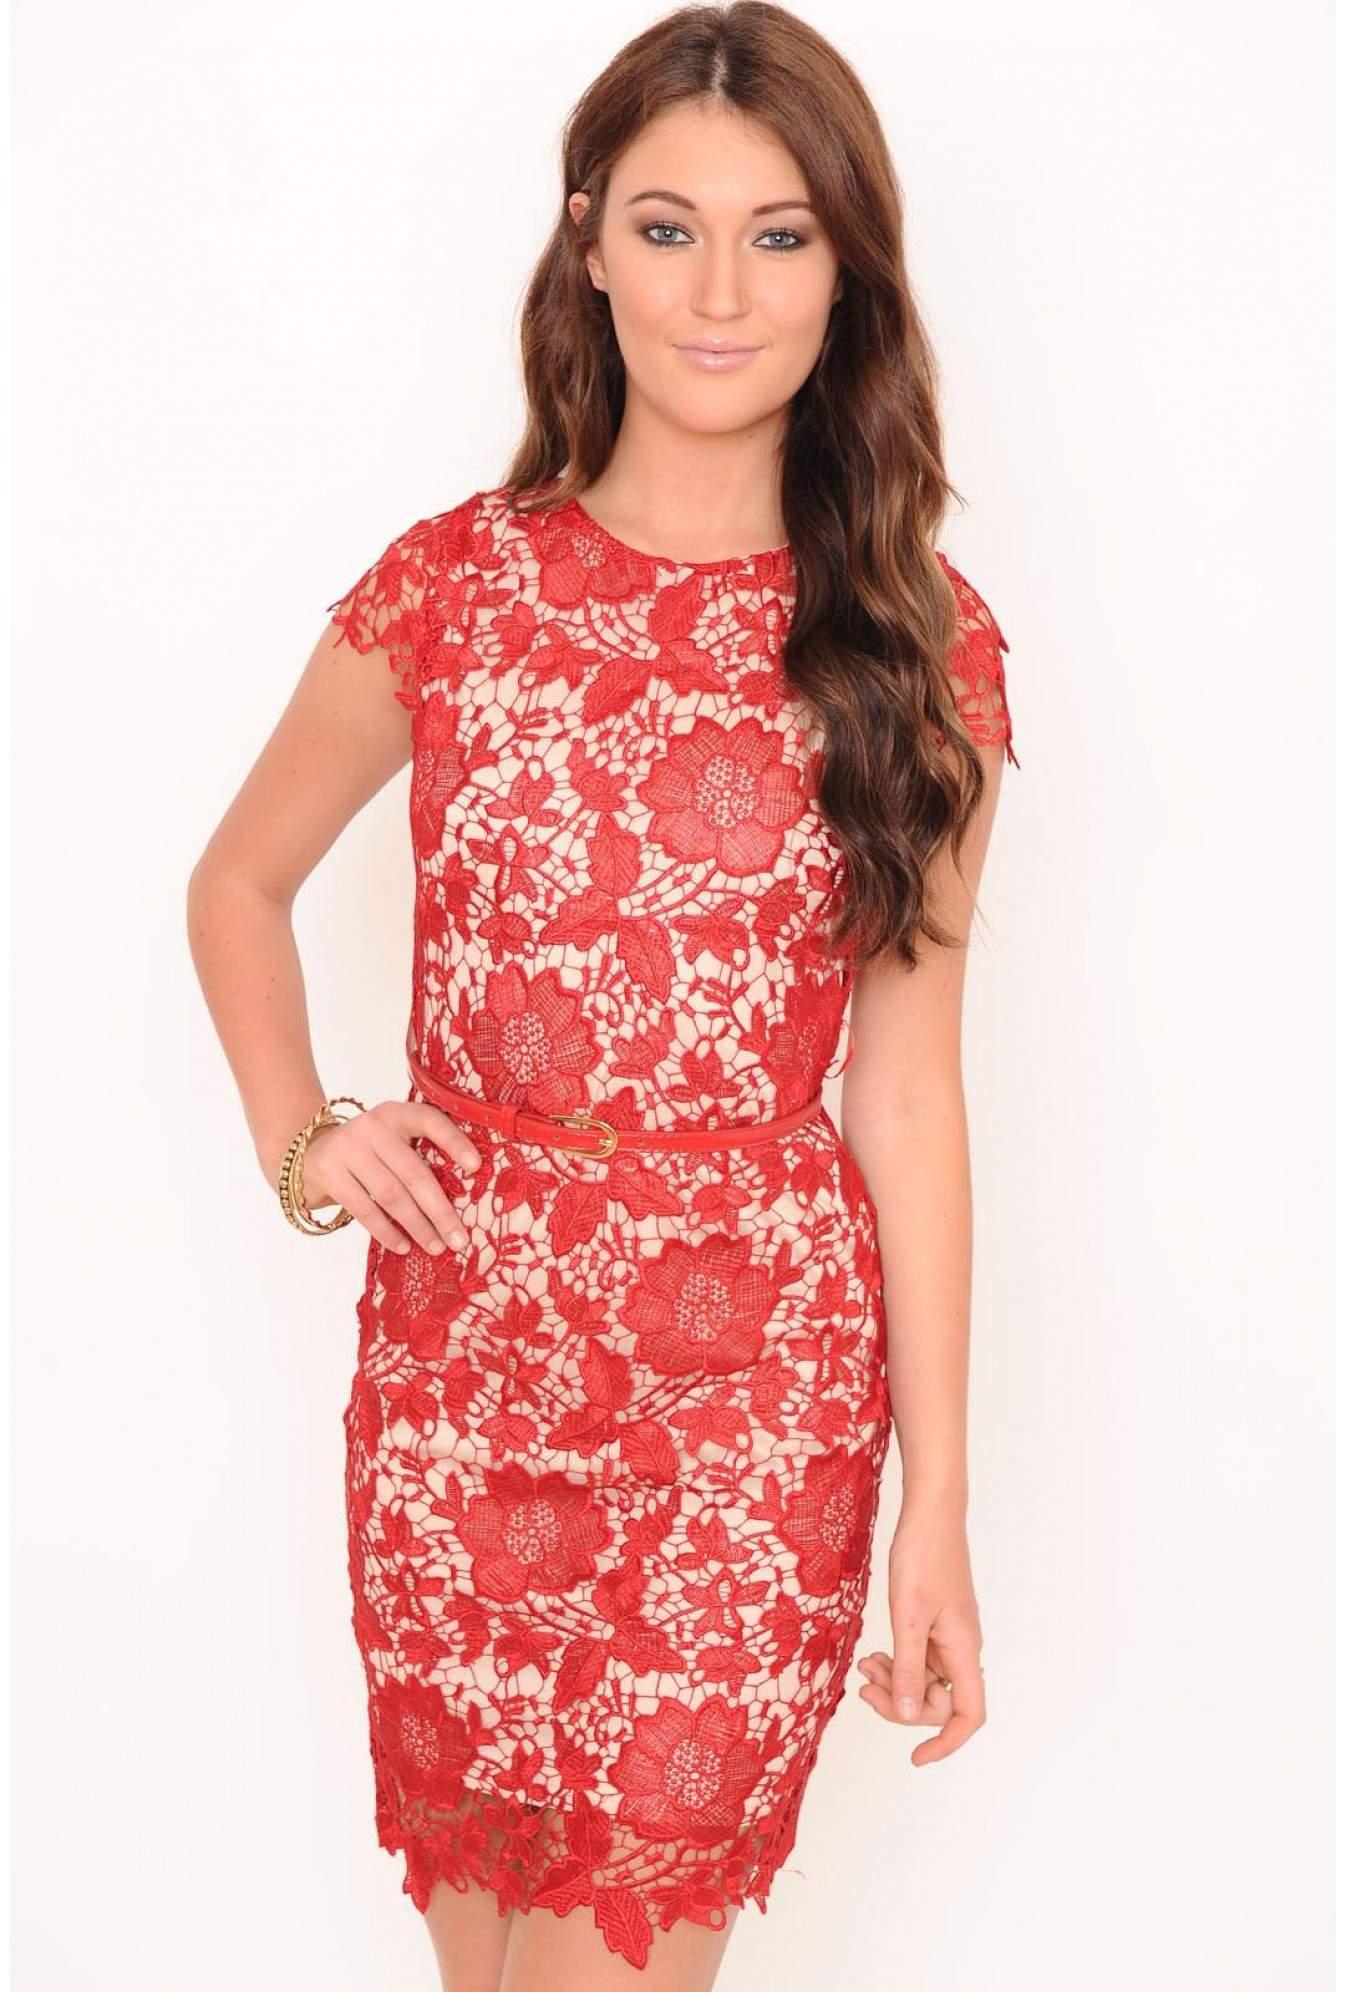 75ddd9a2d421 More Views. Tiffany Full Lace Dress ...